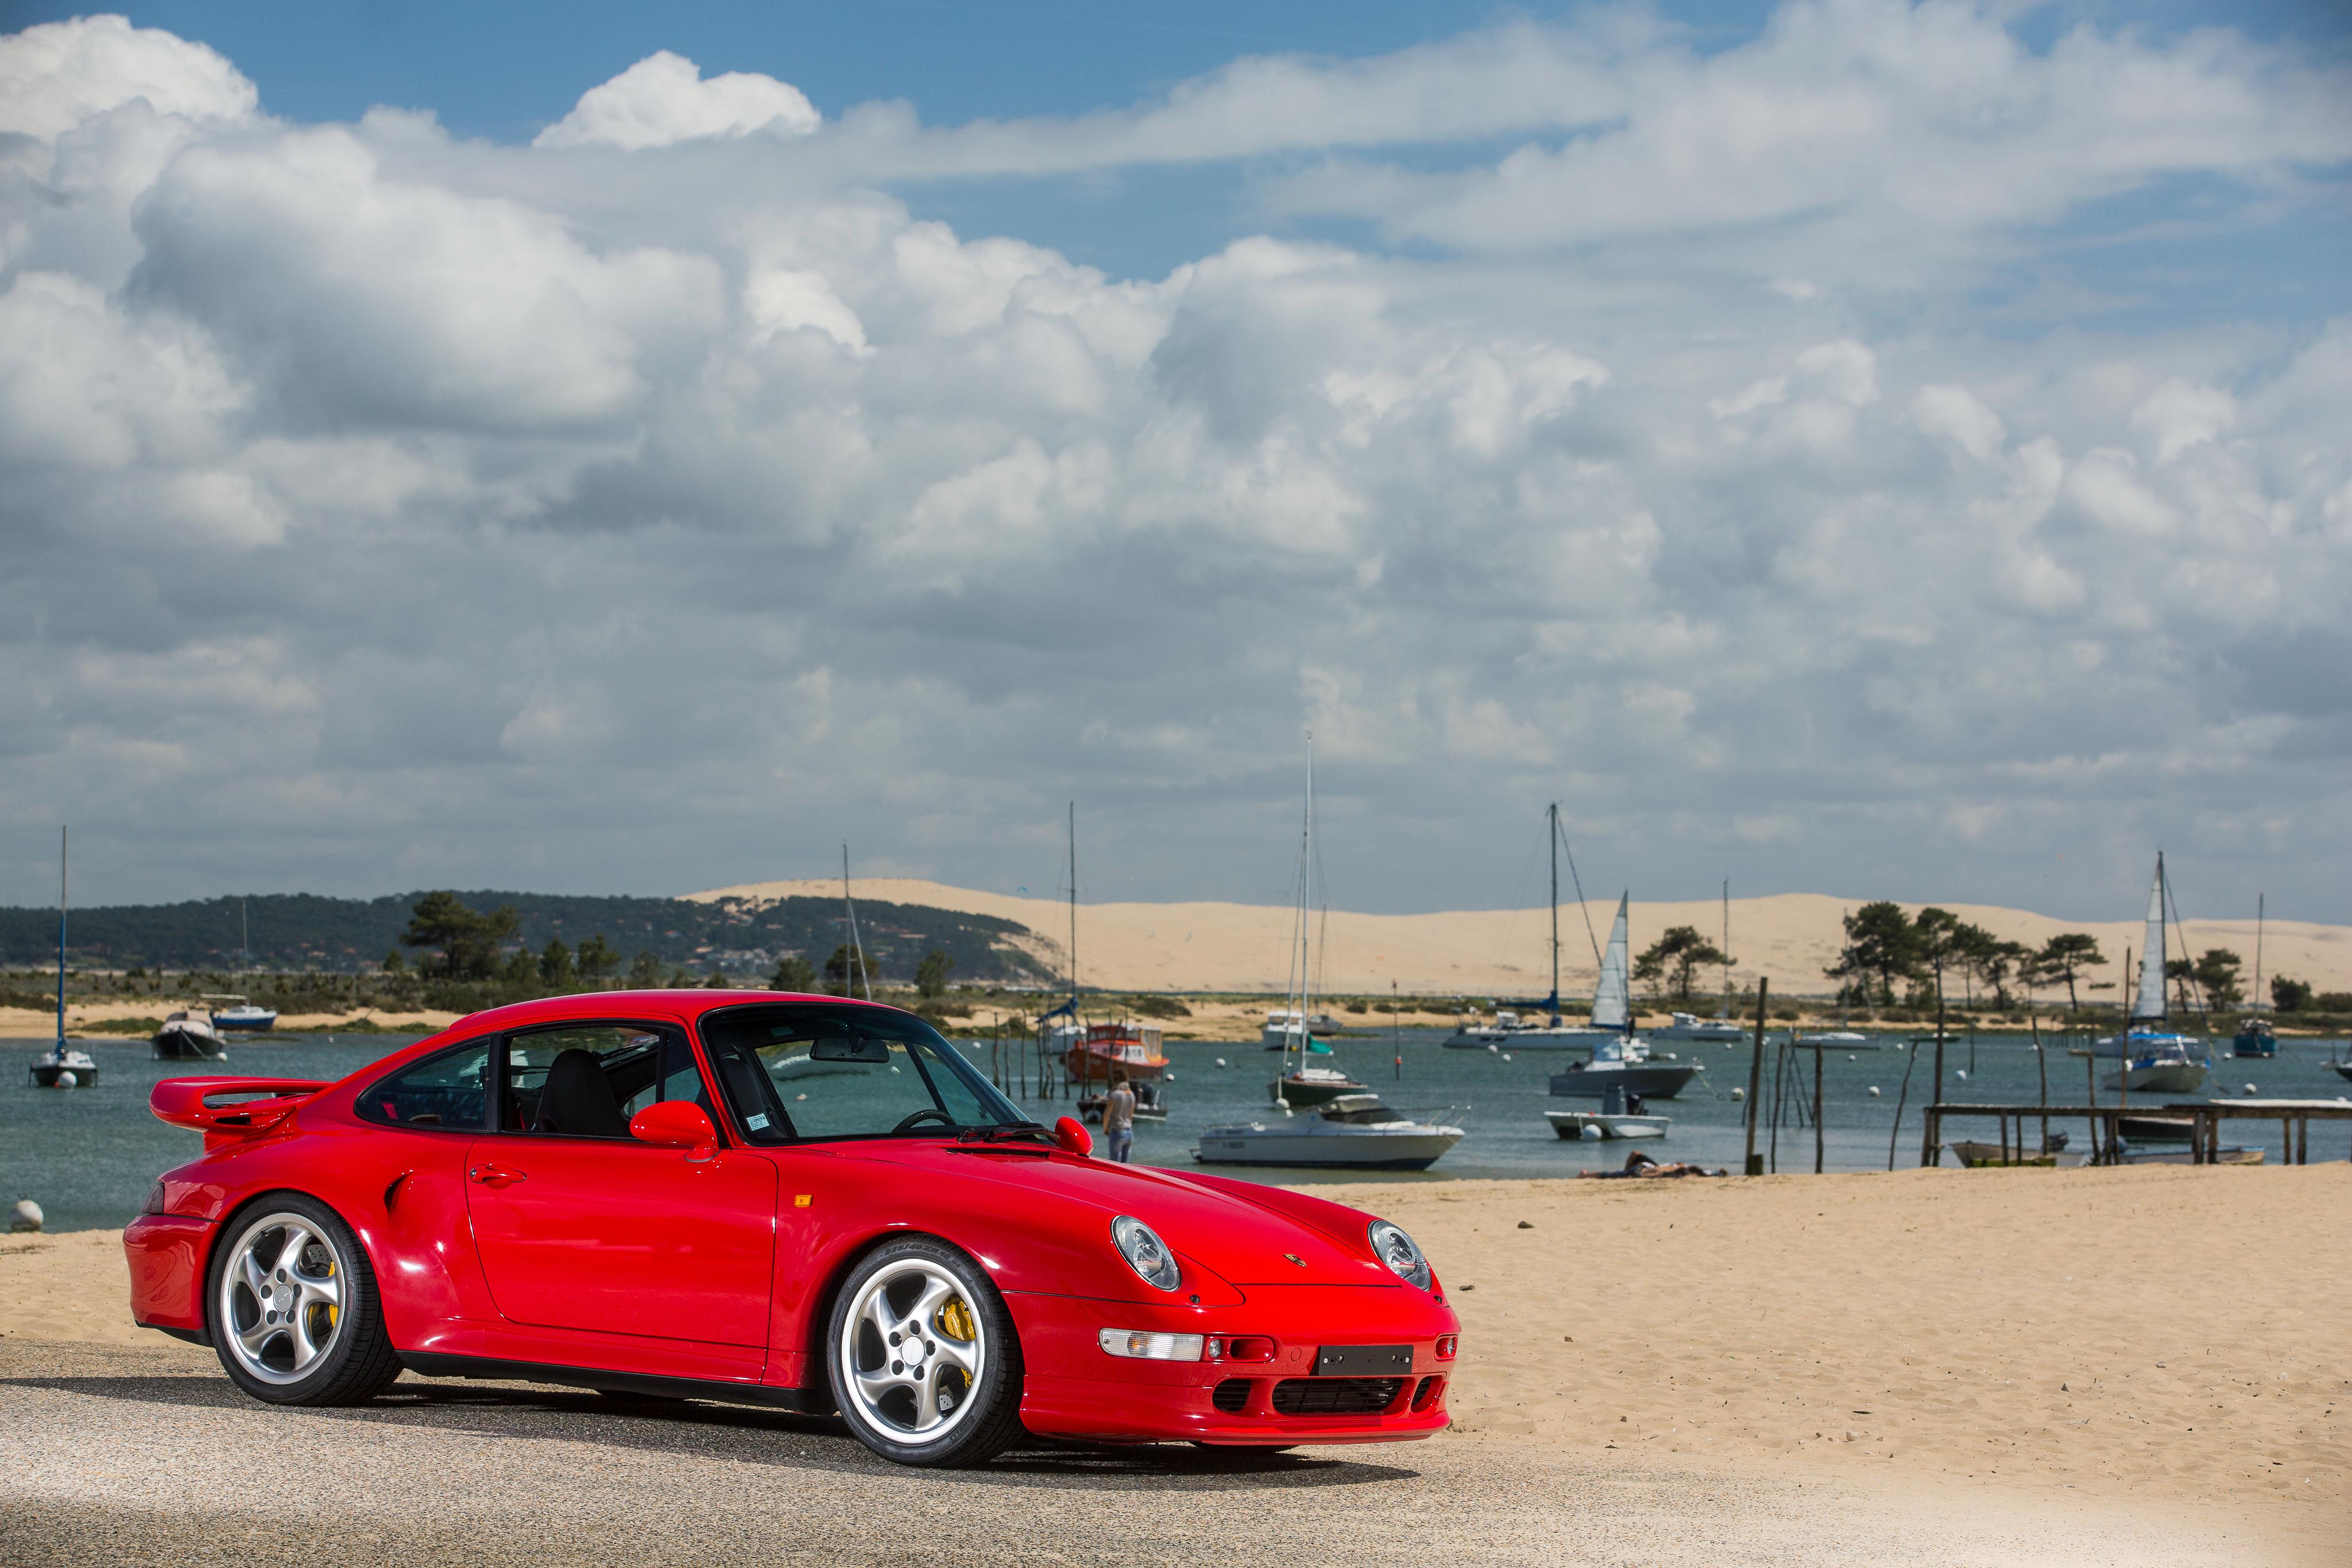 Papeis De Parede 4096x2731 Porsche 1997 98 911 Turbo S 3 6 Coupe Vermelho Metalico Carros Baixar Imagens